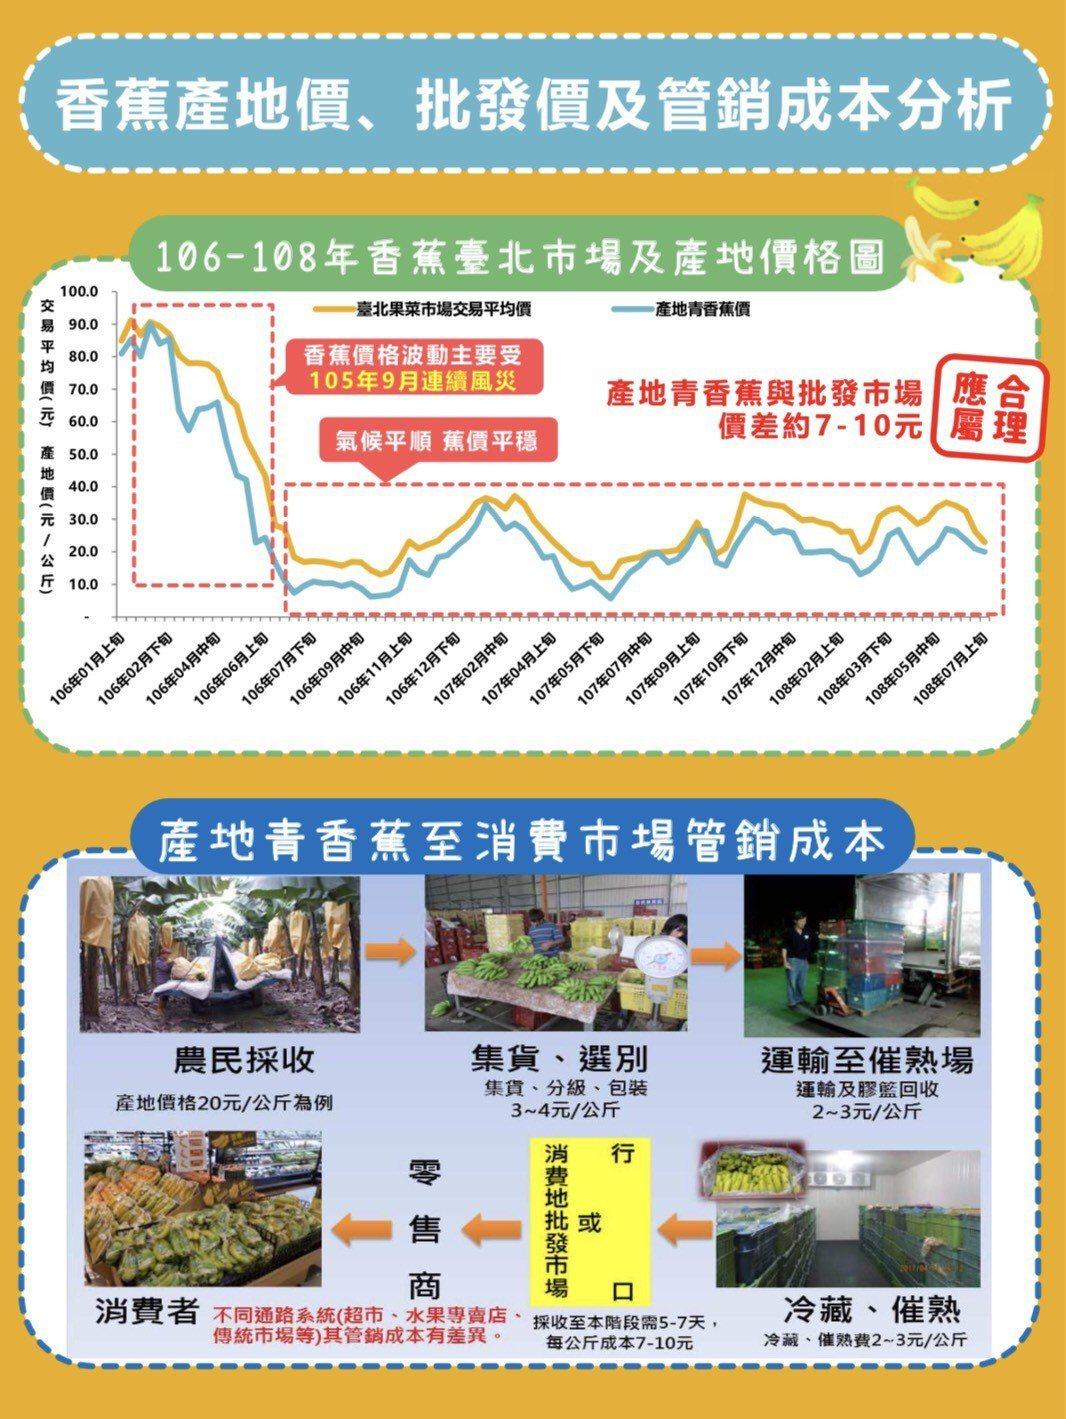 香蕉產地價、批發價及管銷成本分析。圖/農委會提供